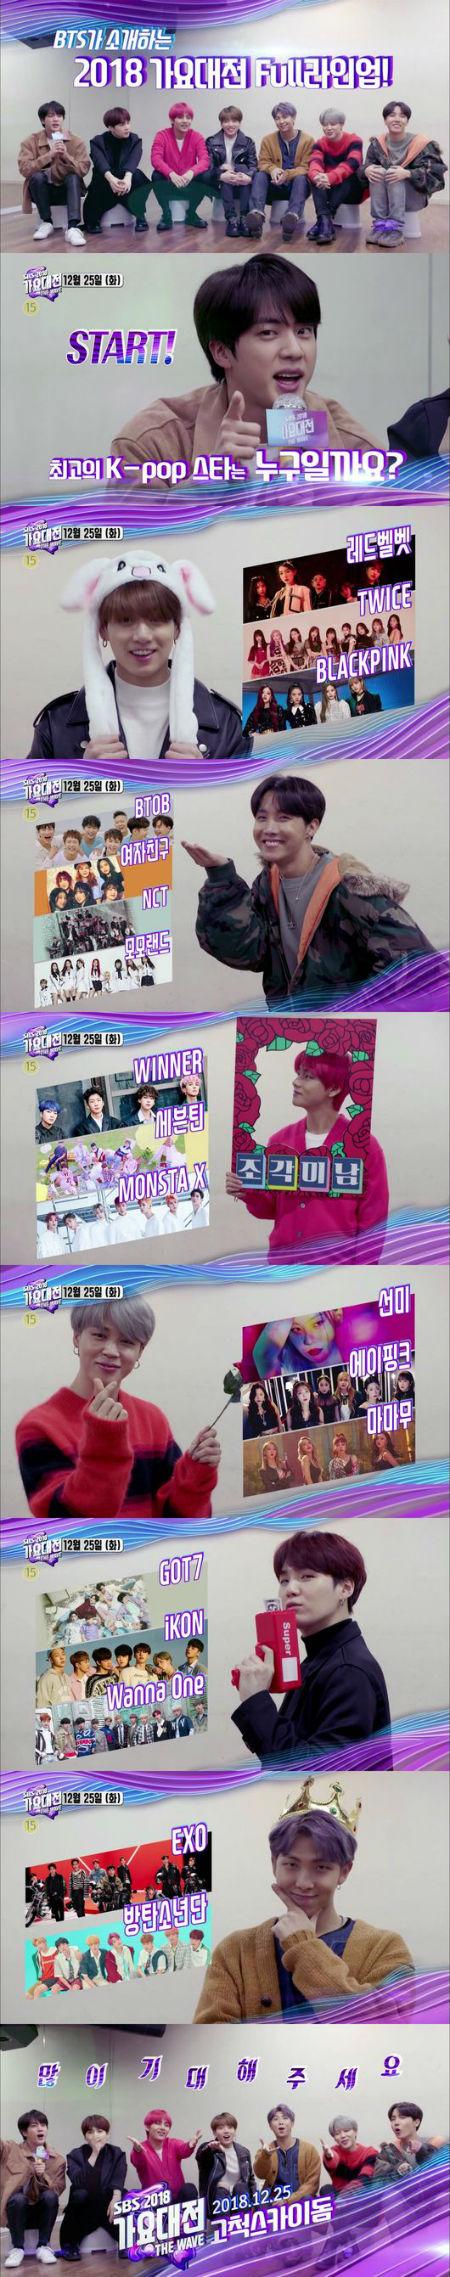 9日、「人気歌謡」では、「防弾少年団」が紹介する「2018 SBS歌謡大祭典」のフルラインナップが公開される。(提供:OSEN)